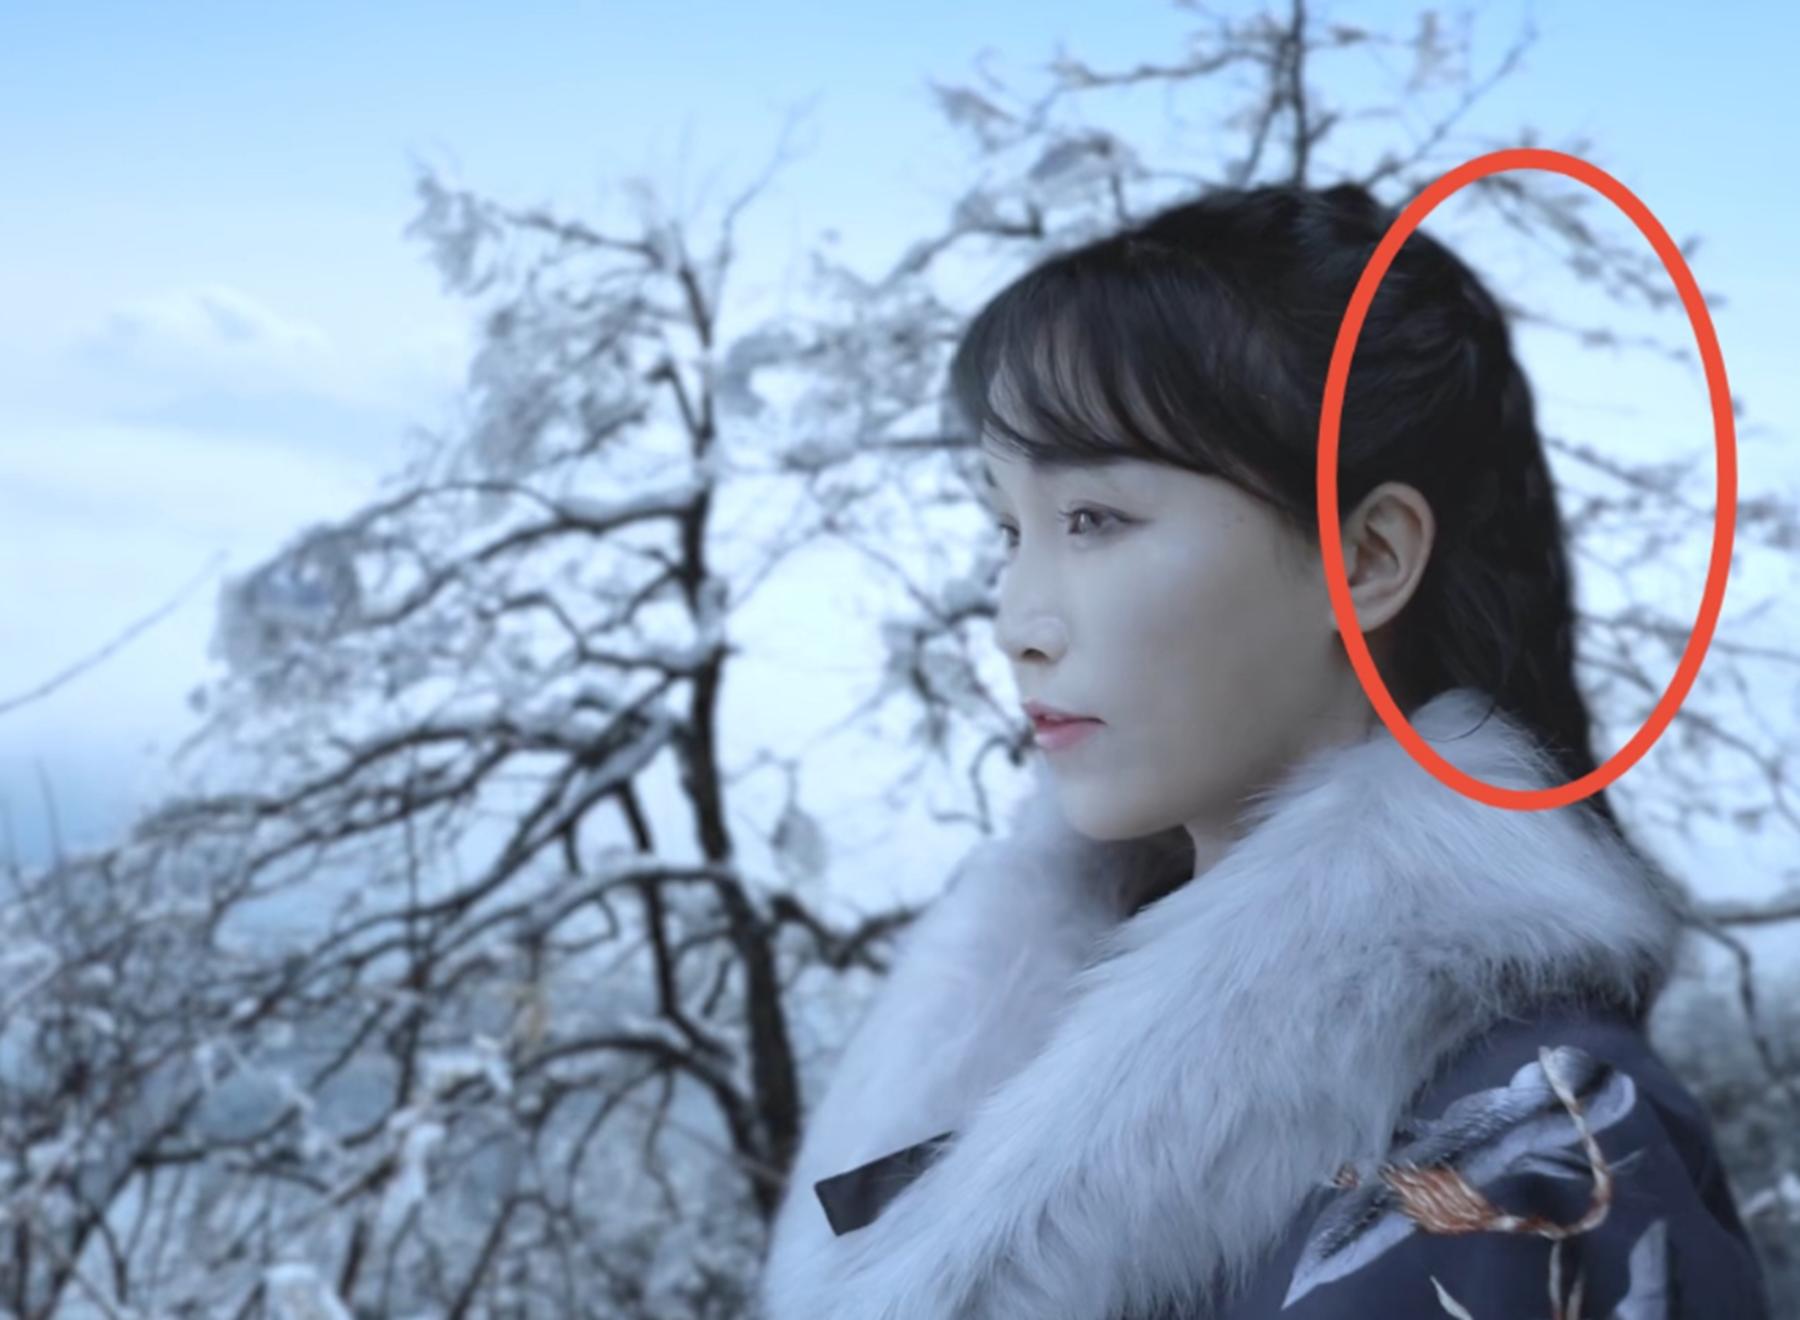 """李子柒视频陷入""""抠图风波""""?雪景造假痕迹明显,评论区褒贬不一"""